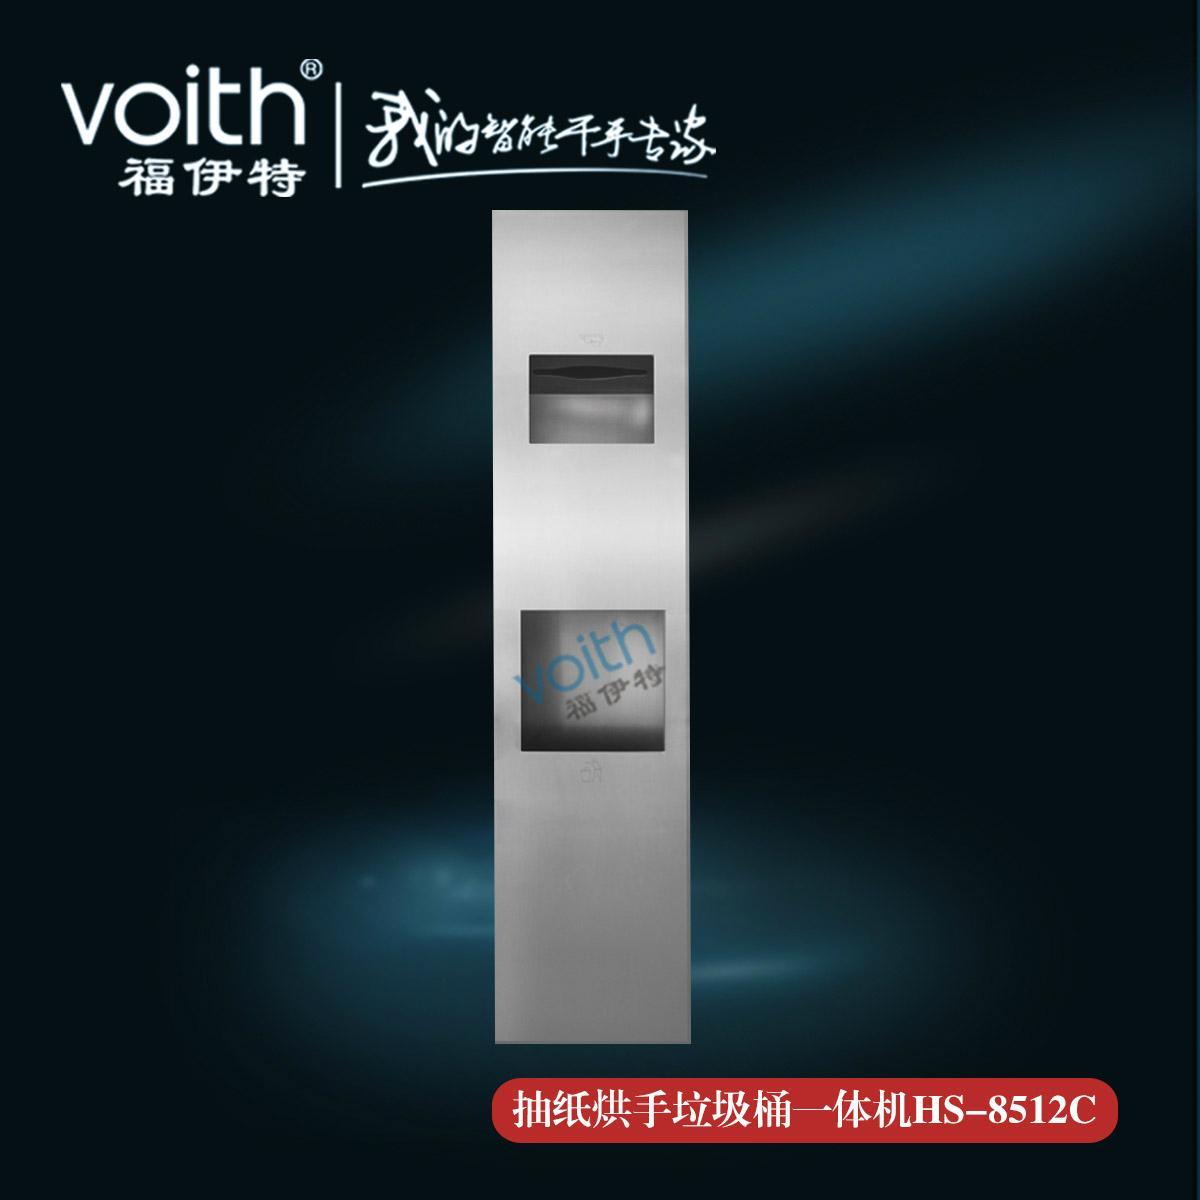 甦南碩放機場高速干手器HS-8512C 大品牌福伊特VOITH 1